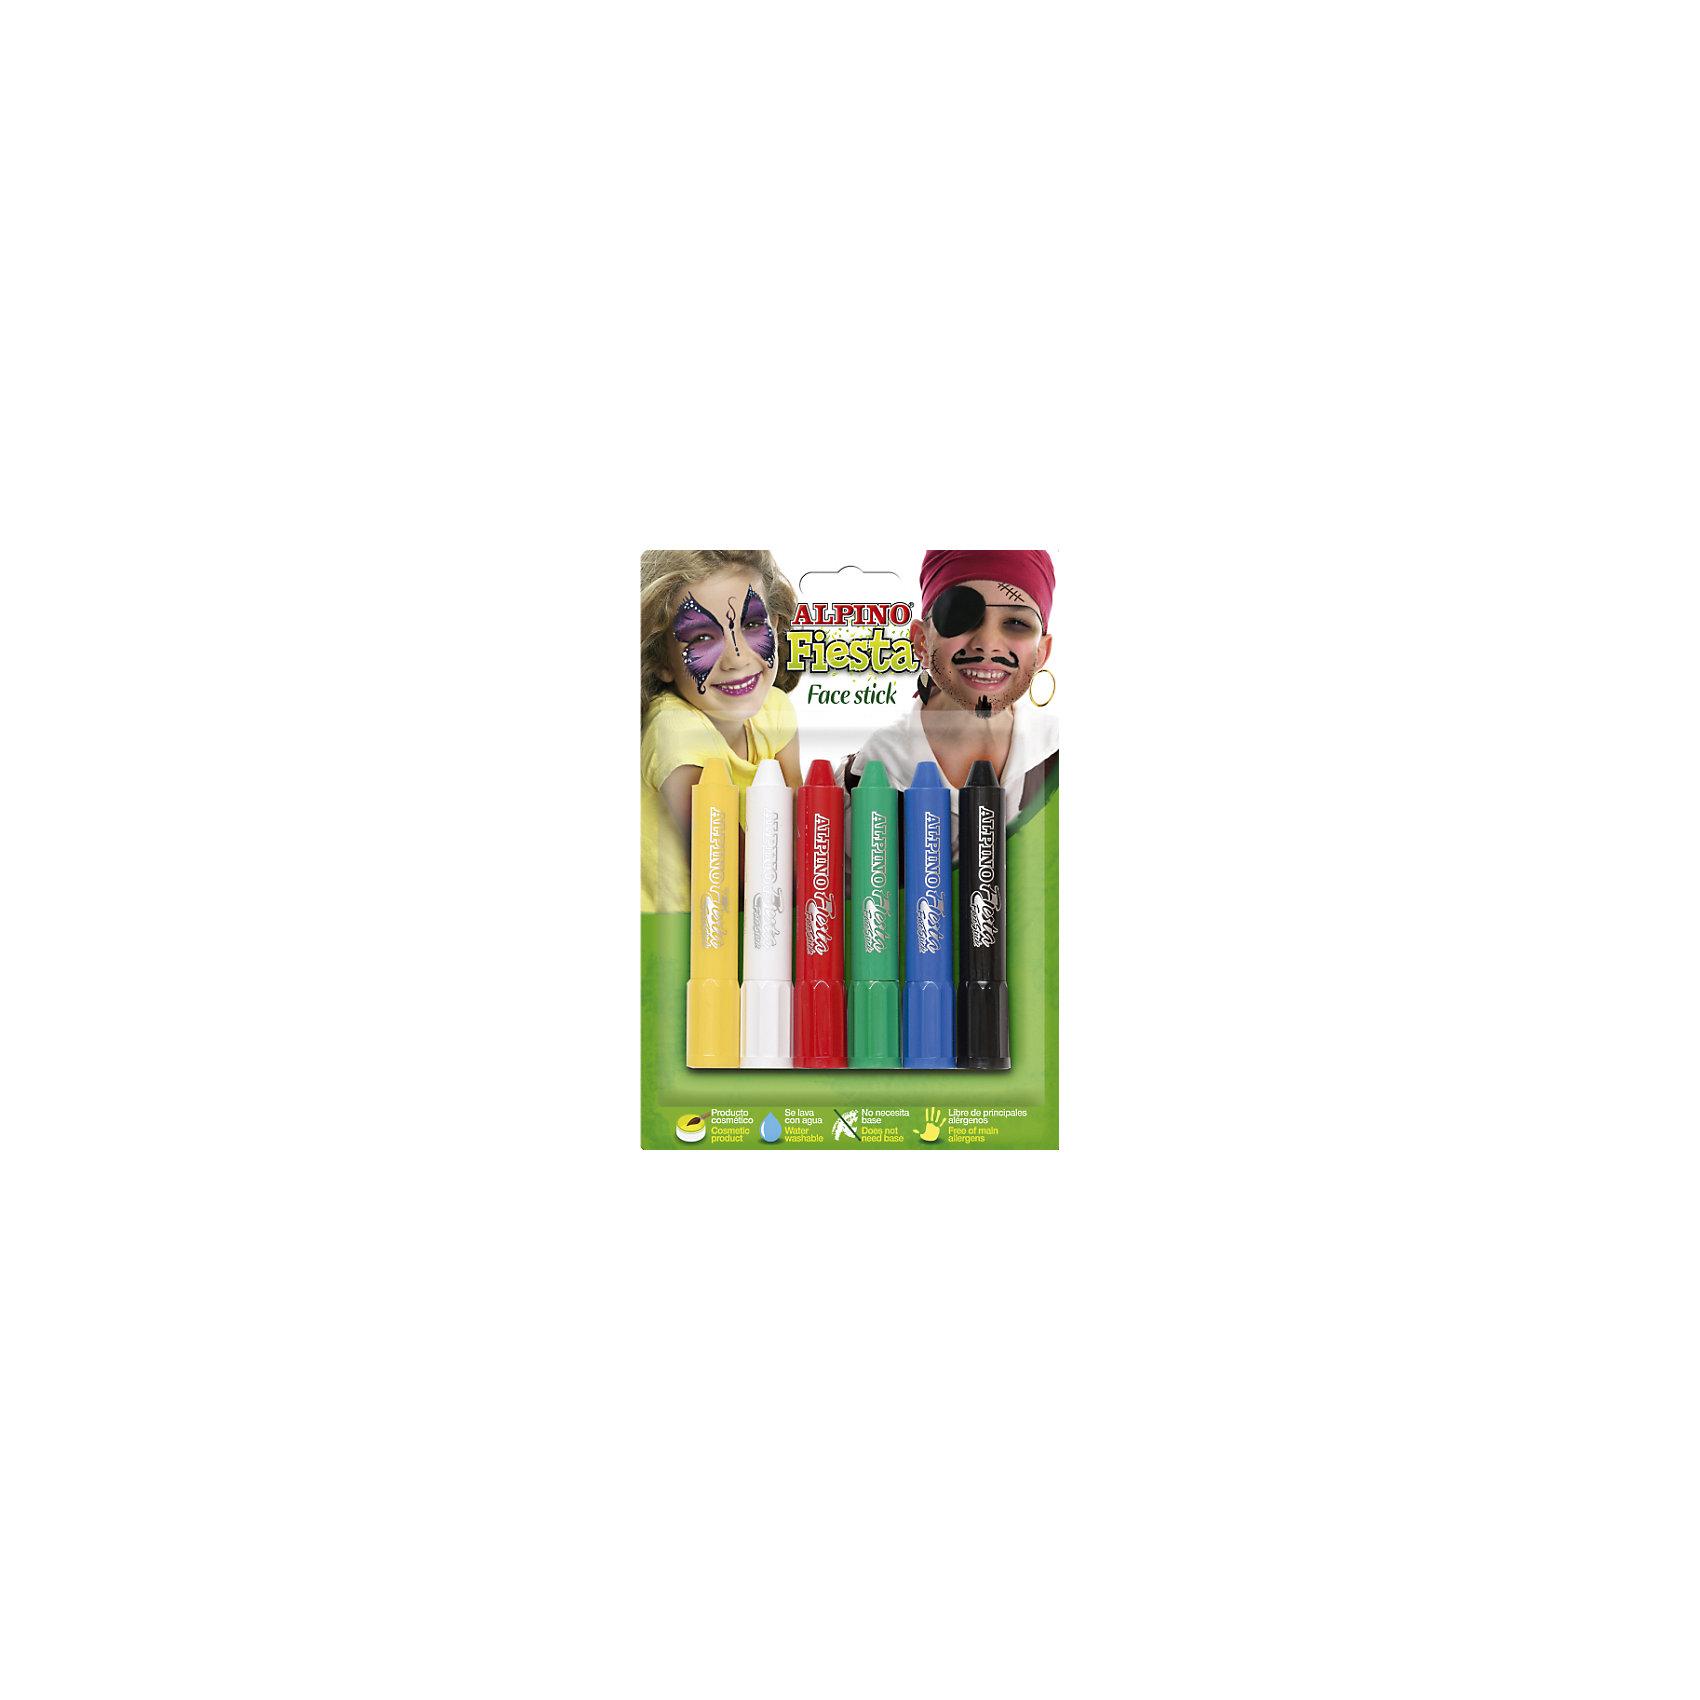 Детский аквагрим Face Stick (макияжные карандаши), 6*5 гр, 6 цв.Всё для праздника<br>Экологичная детская декоративная косметика европейского производства, изготовленная по наилучшим существующим технологиям на основе растительных ингредиентов и воды<br>Не содержит компонентов молока, яиц, клейковины, орехов, бобов, латекса и других потенциально аллергенных ингредиентов (Non-Allergic)<br>Разрешена для применения детьми от 3 лет по европейским стандартам качества и безопасности, а также нормам ТР ТС 009/2011 «О безопасности парфюмерно-косметической продукции» (включена в перечень детских товаров, допущенных к обращению во всех странах Таможенного союза)<br>Рекомендуется педагогами и медицинскими специалистами для эффективного развития детей в ходе игровых форм обучения и воспитания. Считается лучшей продукцией для художественного самодеятельного творчества, детских праздников, дискотек и других культурно-развлекательных и спортивно–зрелищных молодежных мероприятий<br>Состав набора: макияжные карандаши в пластиковом корпусе (6 x 5 гр, 6 цв.)<br>Макияжные карандаши имеют особую кремовую мягкость, высокую кроющую способность и представлены в наборе жёлтым, белым, красным, зелёным, синим и чёрным цветами. Различные цвета могут смешиваться, позволяя получать новые цвета и оттенки. Нанесённый макияж не пачкается и имеет глянцевый тон. Пластиковый тюбик позволяет хранить и переносить карандаши вне упаковки, например, в карманах, пеналах, портфеле или ранце. Набор является идеальным решением для создания нужного образа на празднике или для дружной и выразительной поддержки любимой команды на спортивных, музыкальных, художественных и иных состязаниях и конкурсах<br>Предварительное нанесение пасты-грунта не требуется, продукция безопасна при интенсивном контакте с кожей в течение длительного времени (не менее 24 часов)<br>Легко смывается с кожи, не имеет запаха, не красится, не оставляет жирных пятен, отстирывается с детской одежды и других тканей в режиме обычной стирки<br>Упа